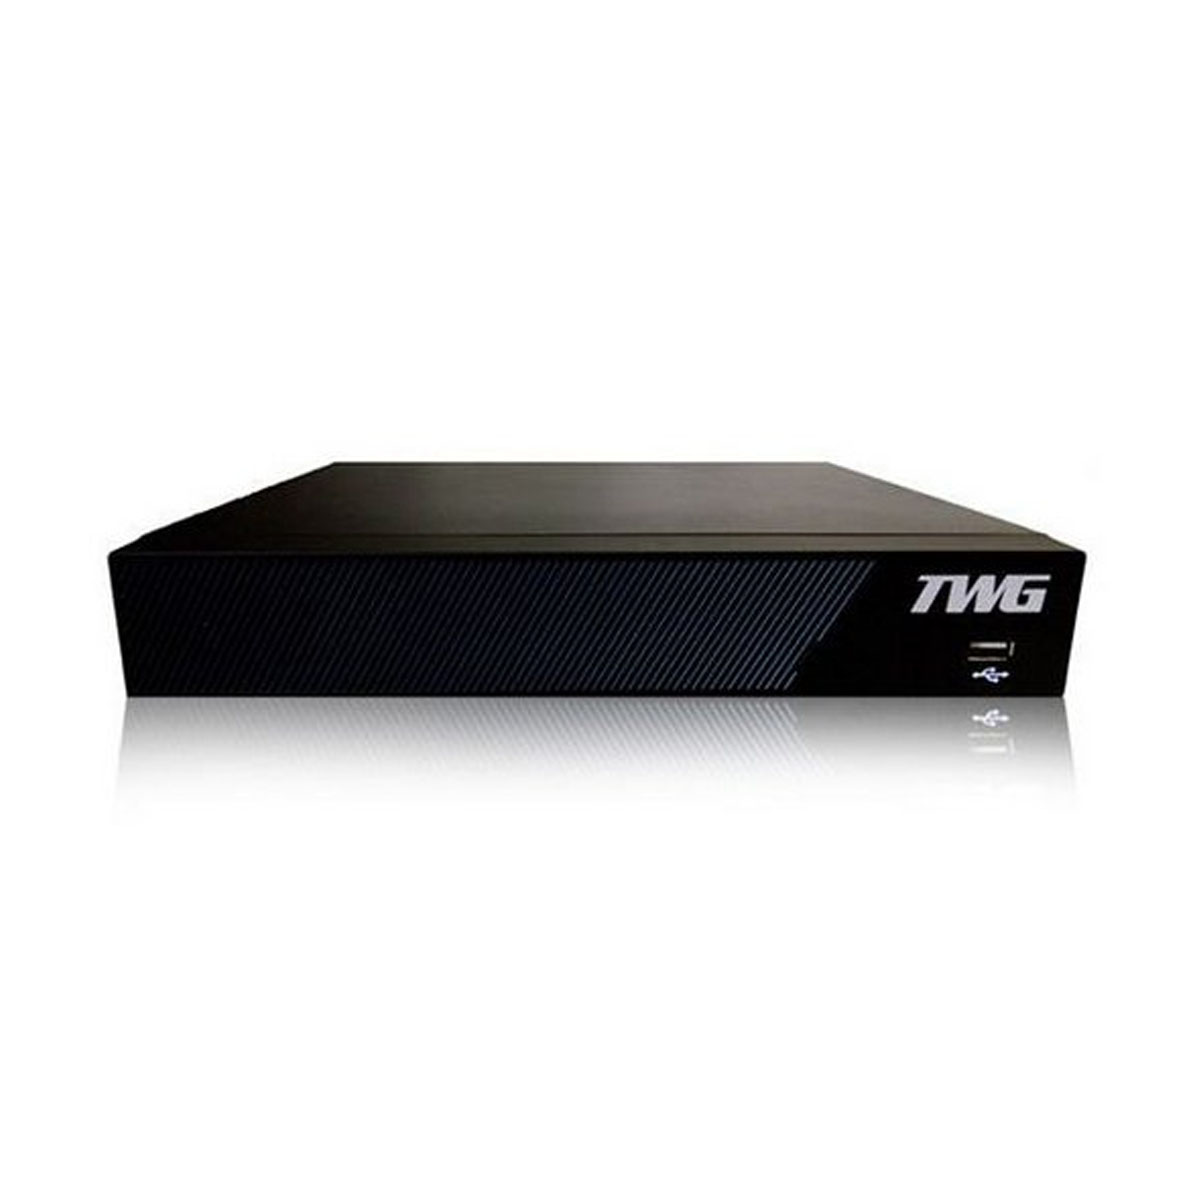 Dvr Gravador De Video 8 Canais 5Em1 1080n TWG